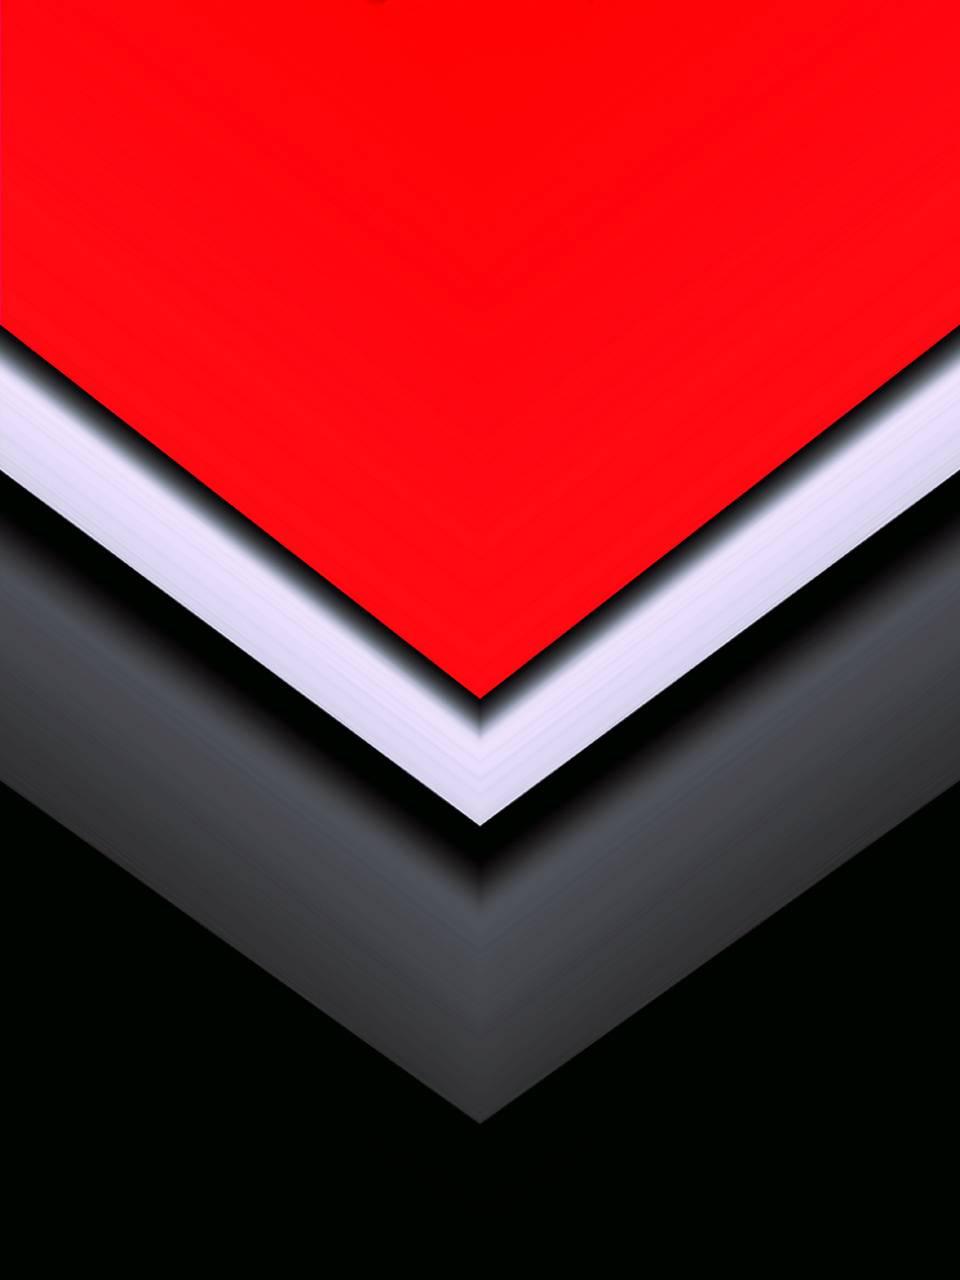 Material design 457